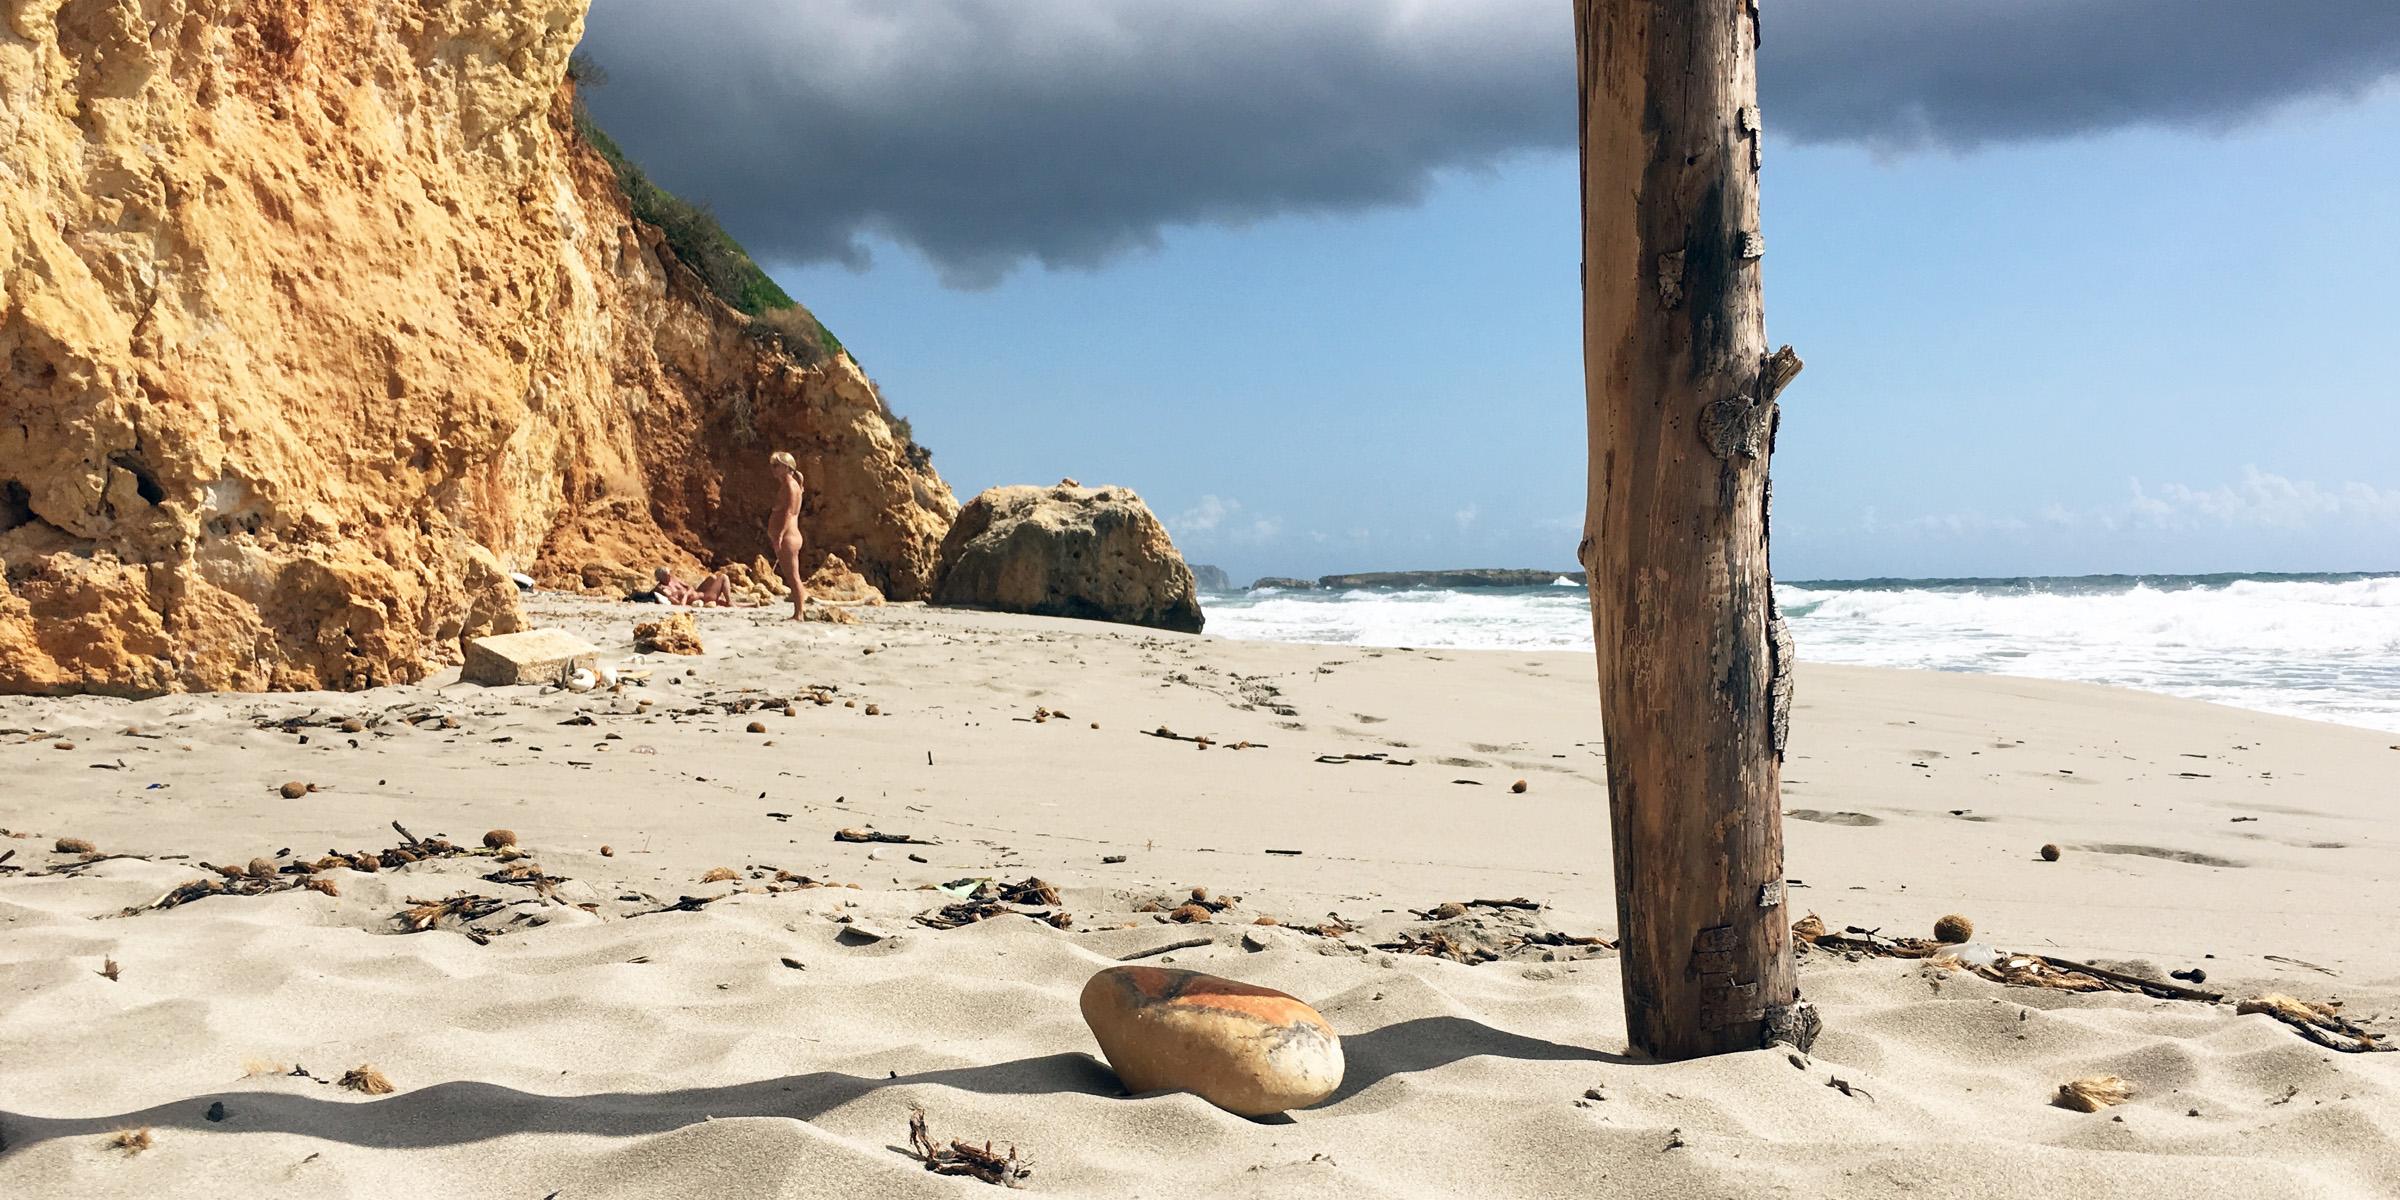 Binigaus beach